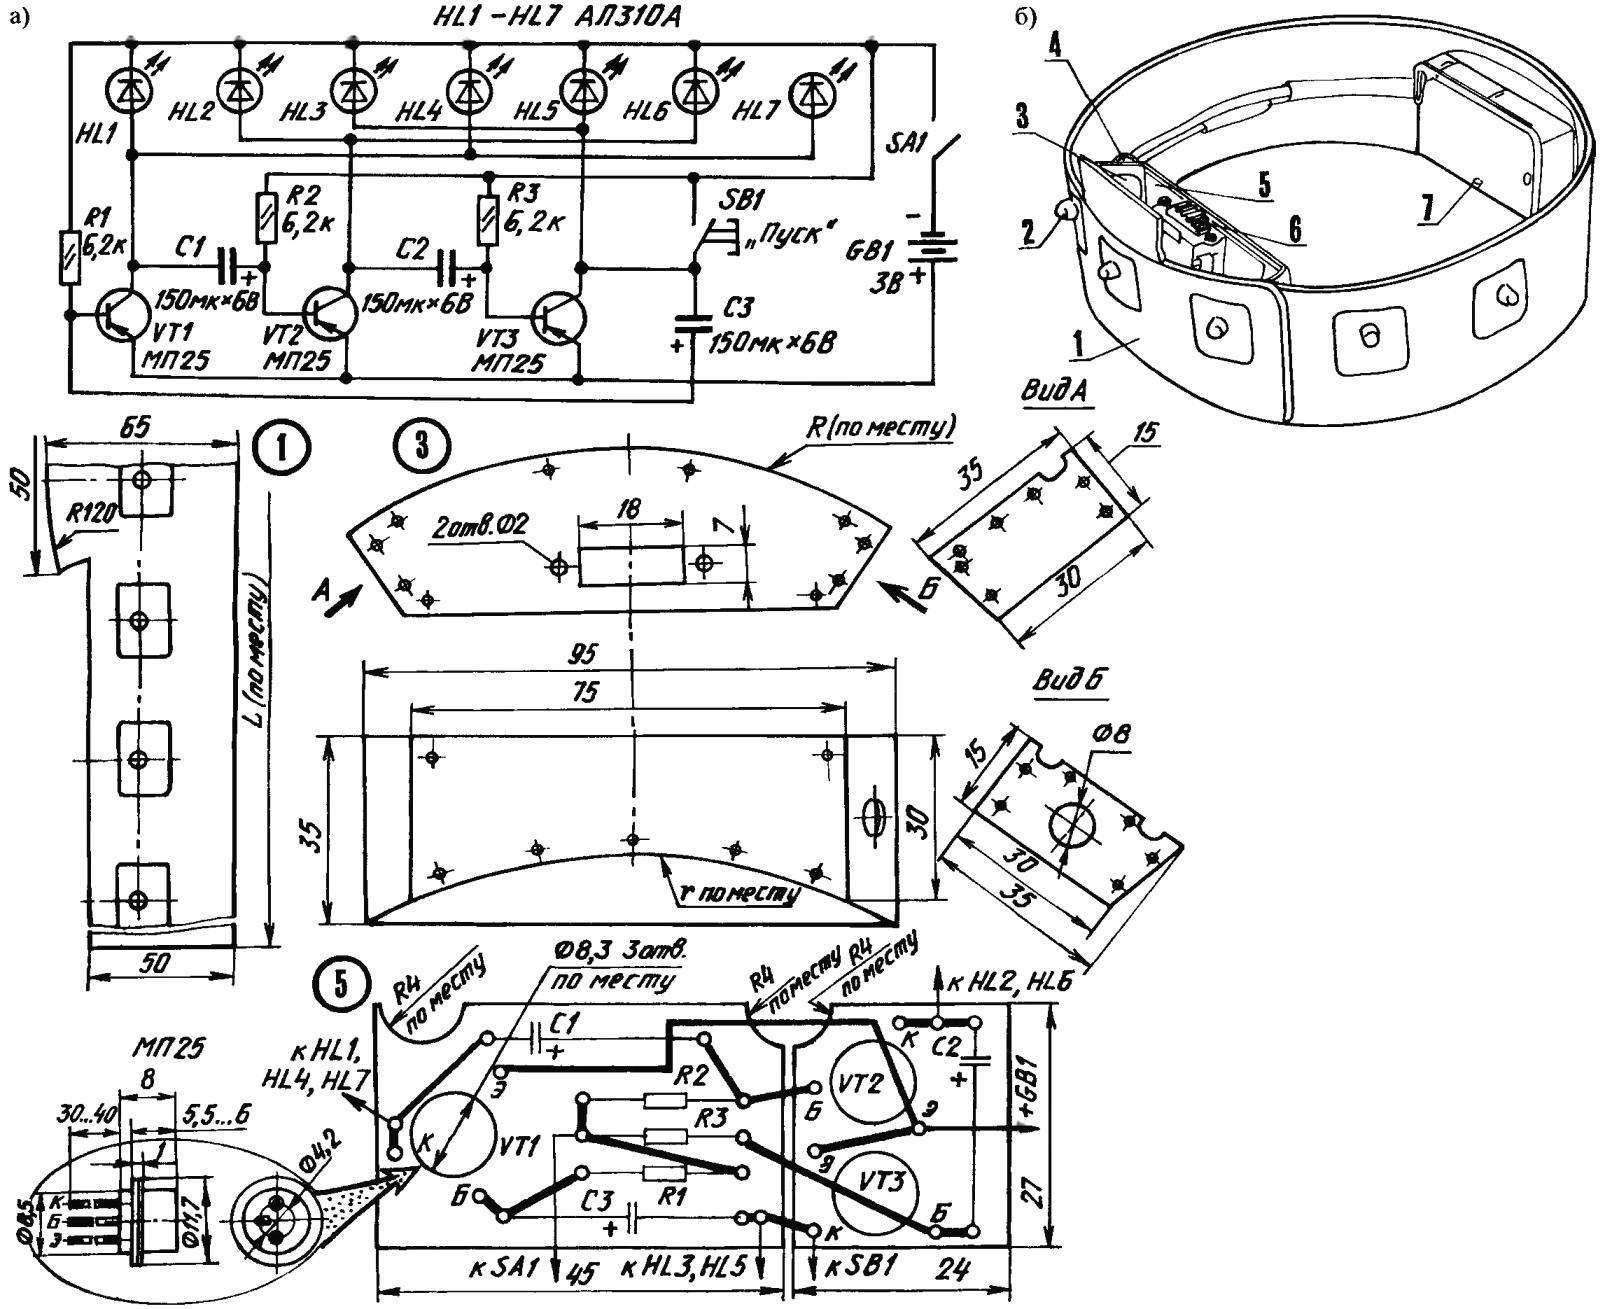 Рис. 2. Модифицированное схемное решение мультивибратора (а) и вариант его использования в оголовье для Снегурочки (б)